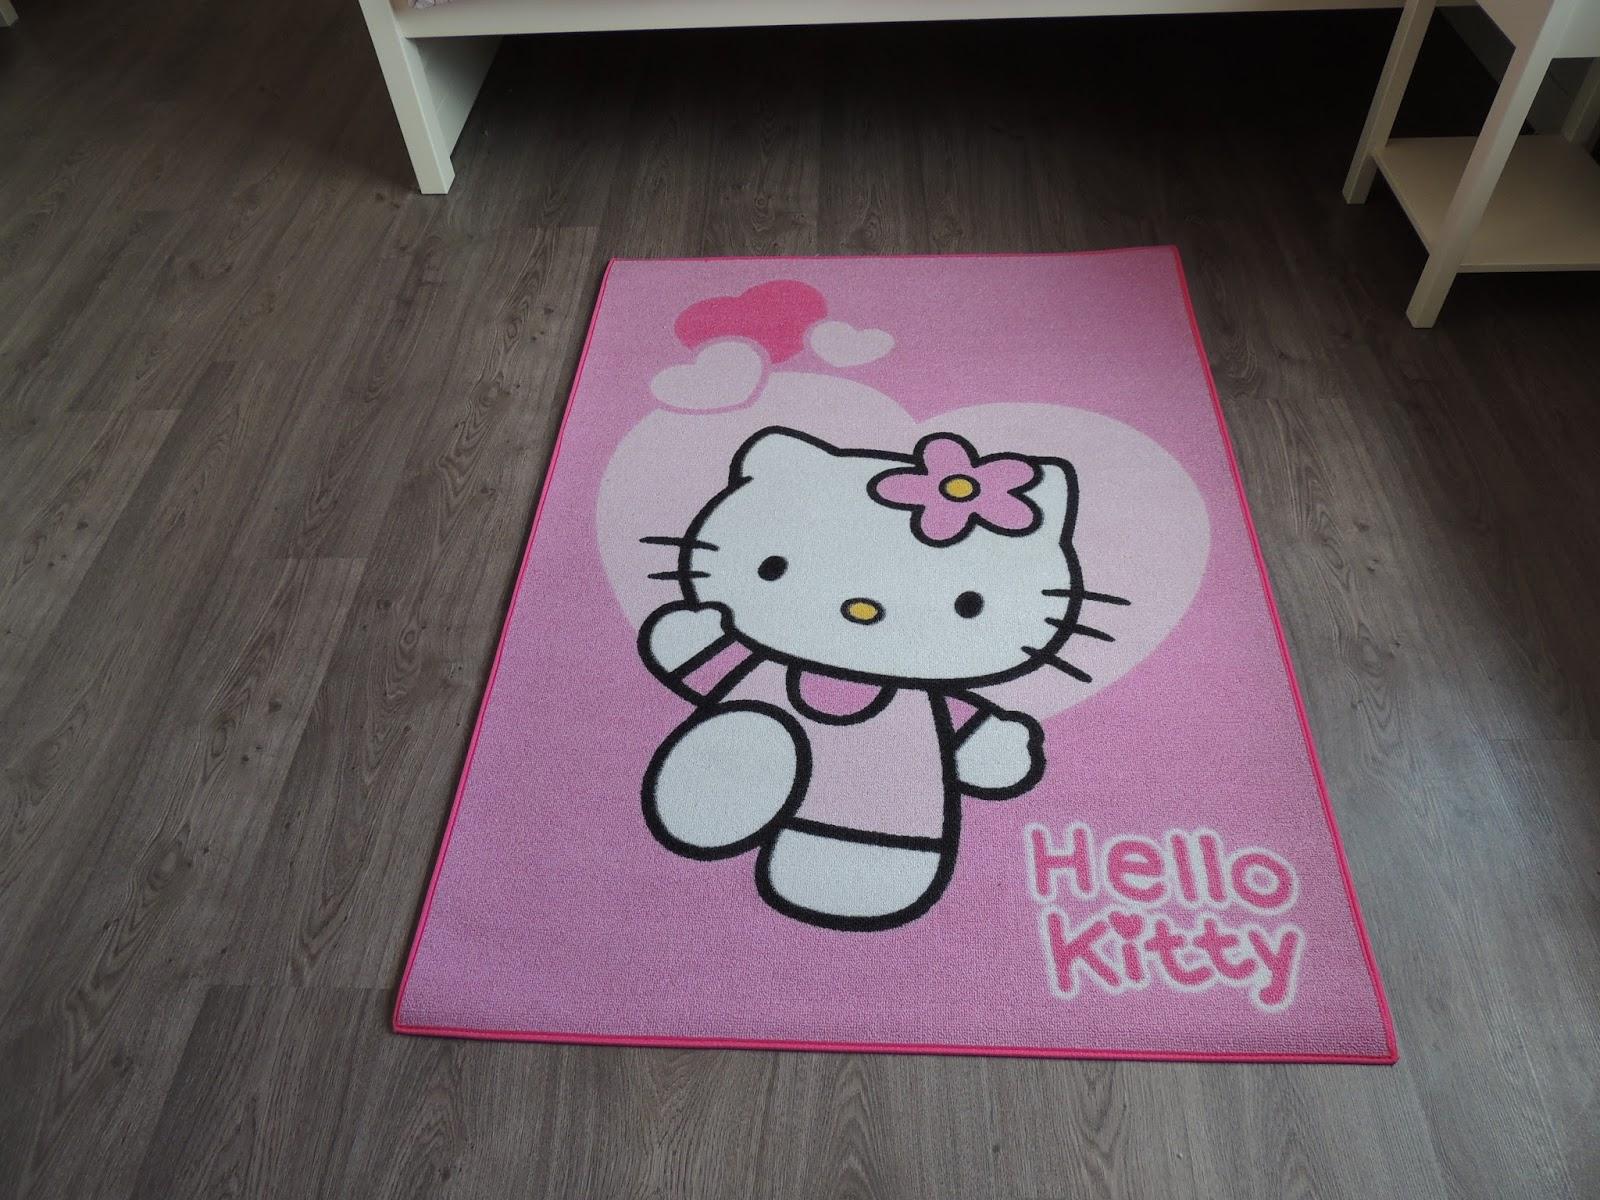 Speeltapijten speelmatten vloerkleden kinderkamer kleed kinderkamer tapijten voor - Tapijt voor volwassen kamer ...